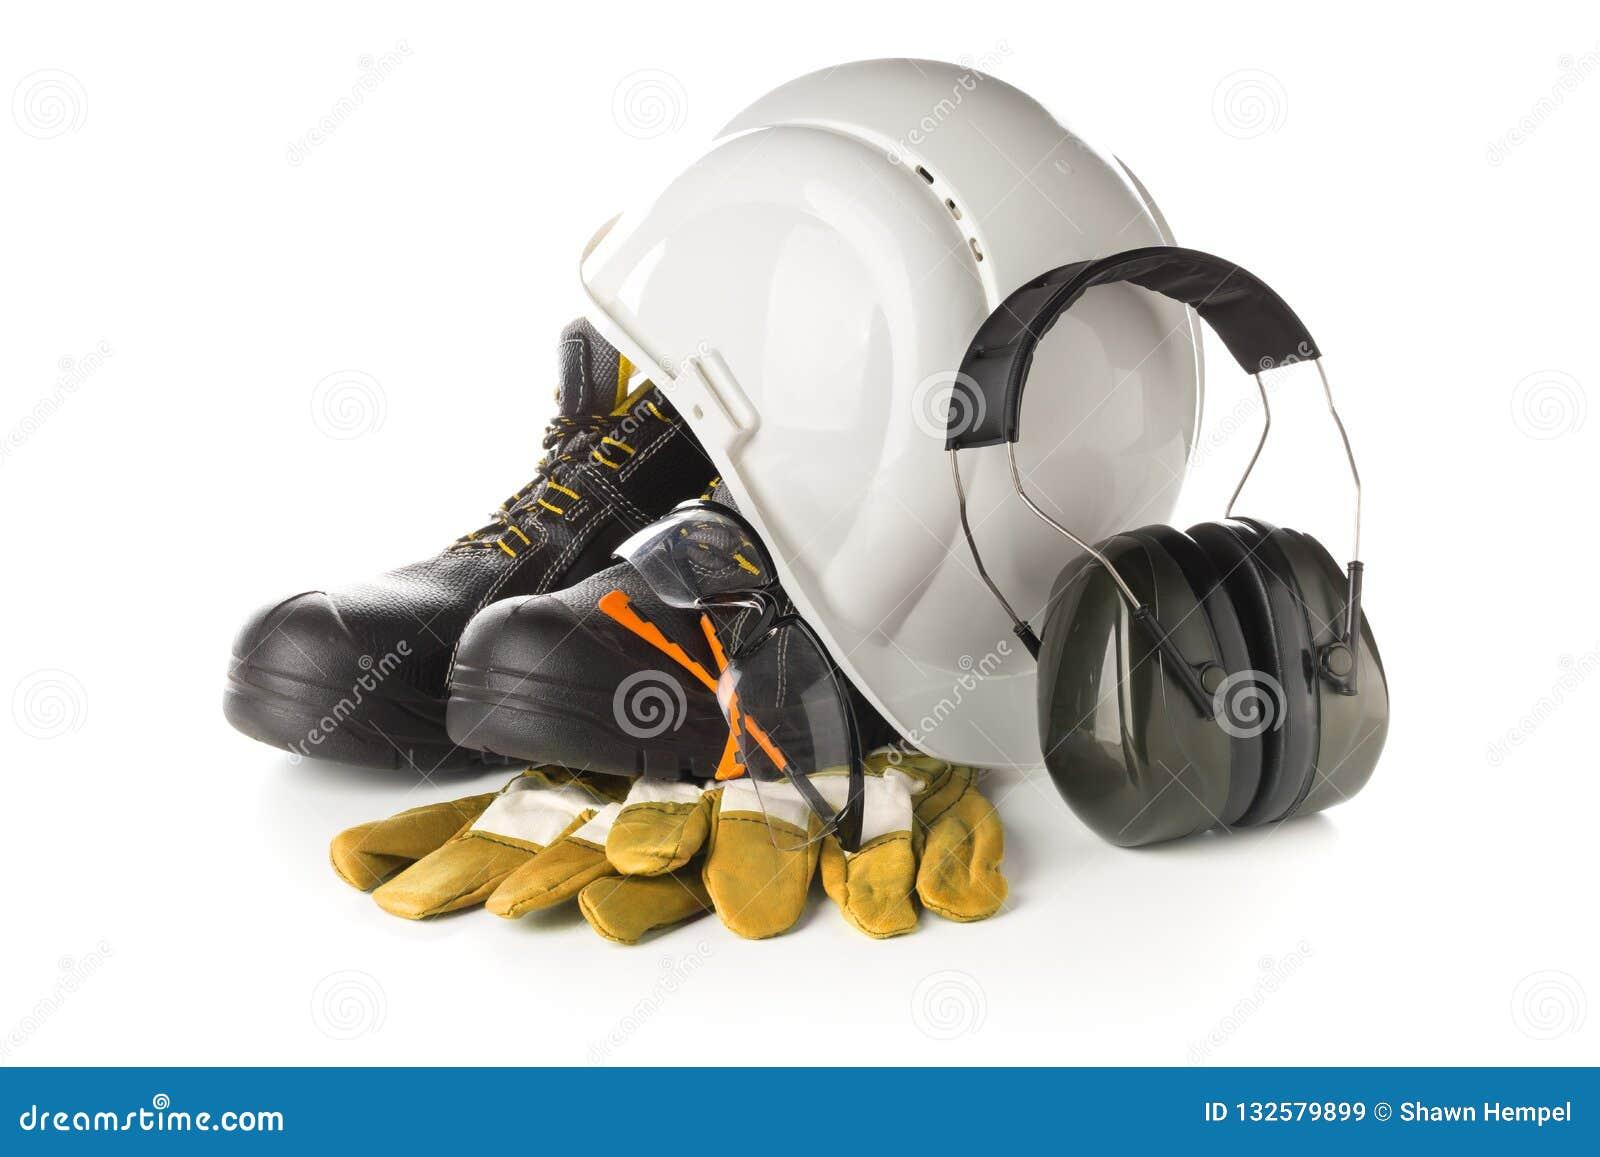 Работайте оборудование безопасности и защиты - защитные ботинки, защитные стекла, перчатки и слыша защита